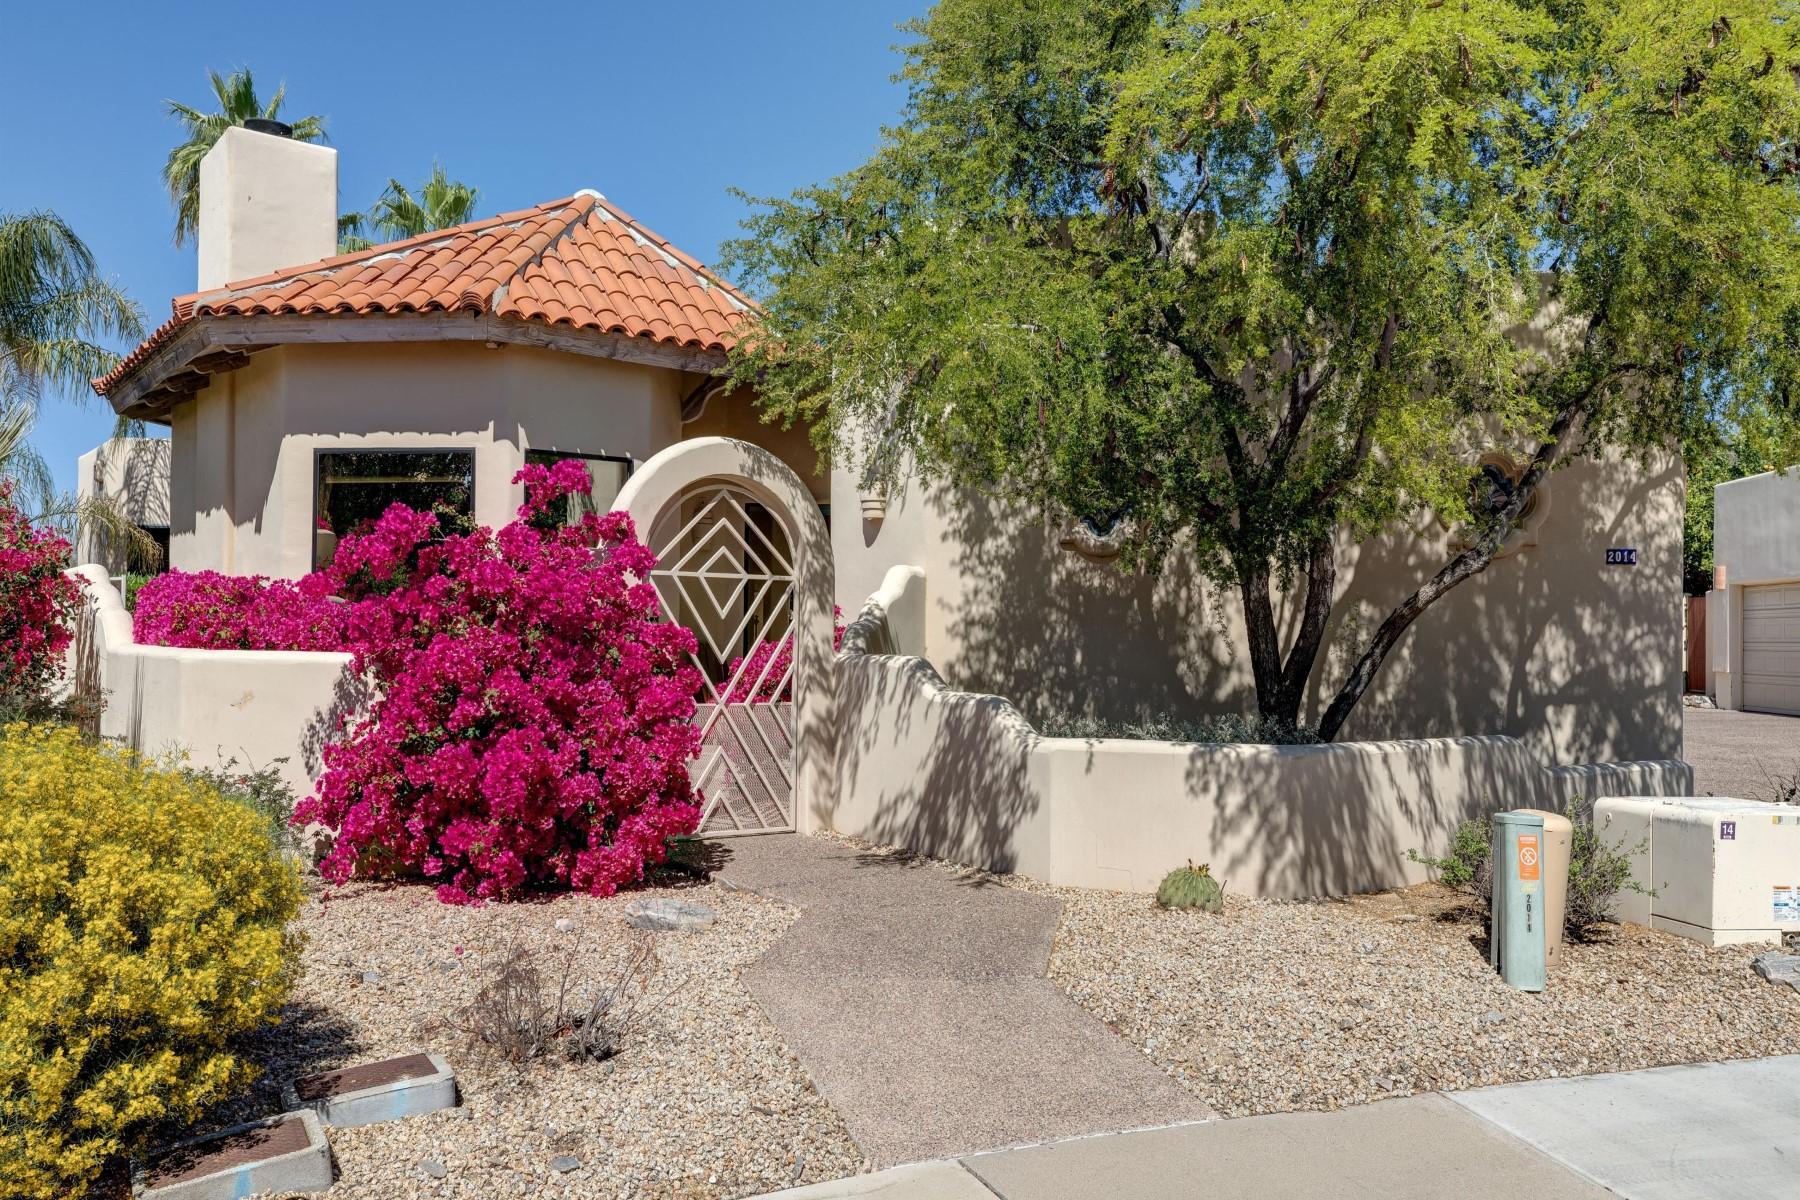 Maison unifamiliale pour l Vente à Beautifully designed home located in gated Villas Encantadas 2014 E Northview Ave Phoenix, Arizona, 85020 États-Unis